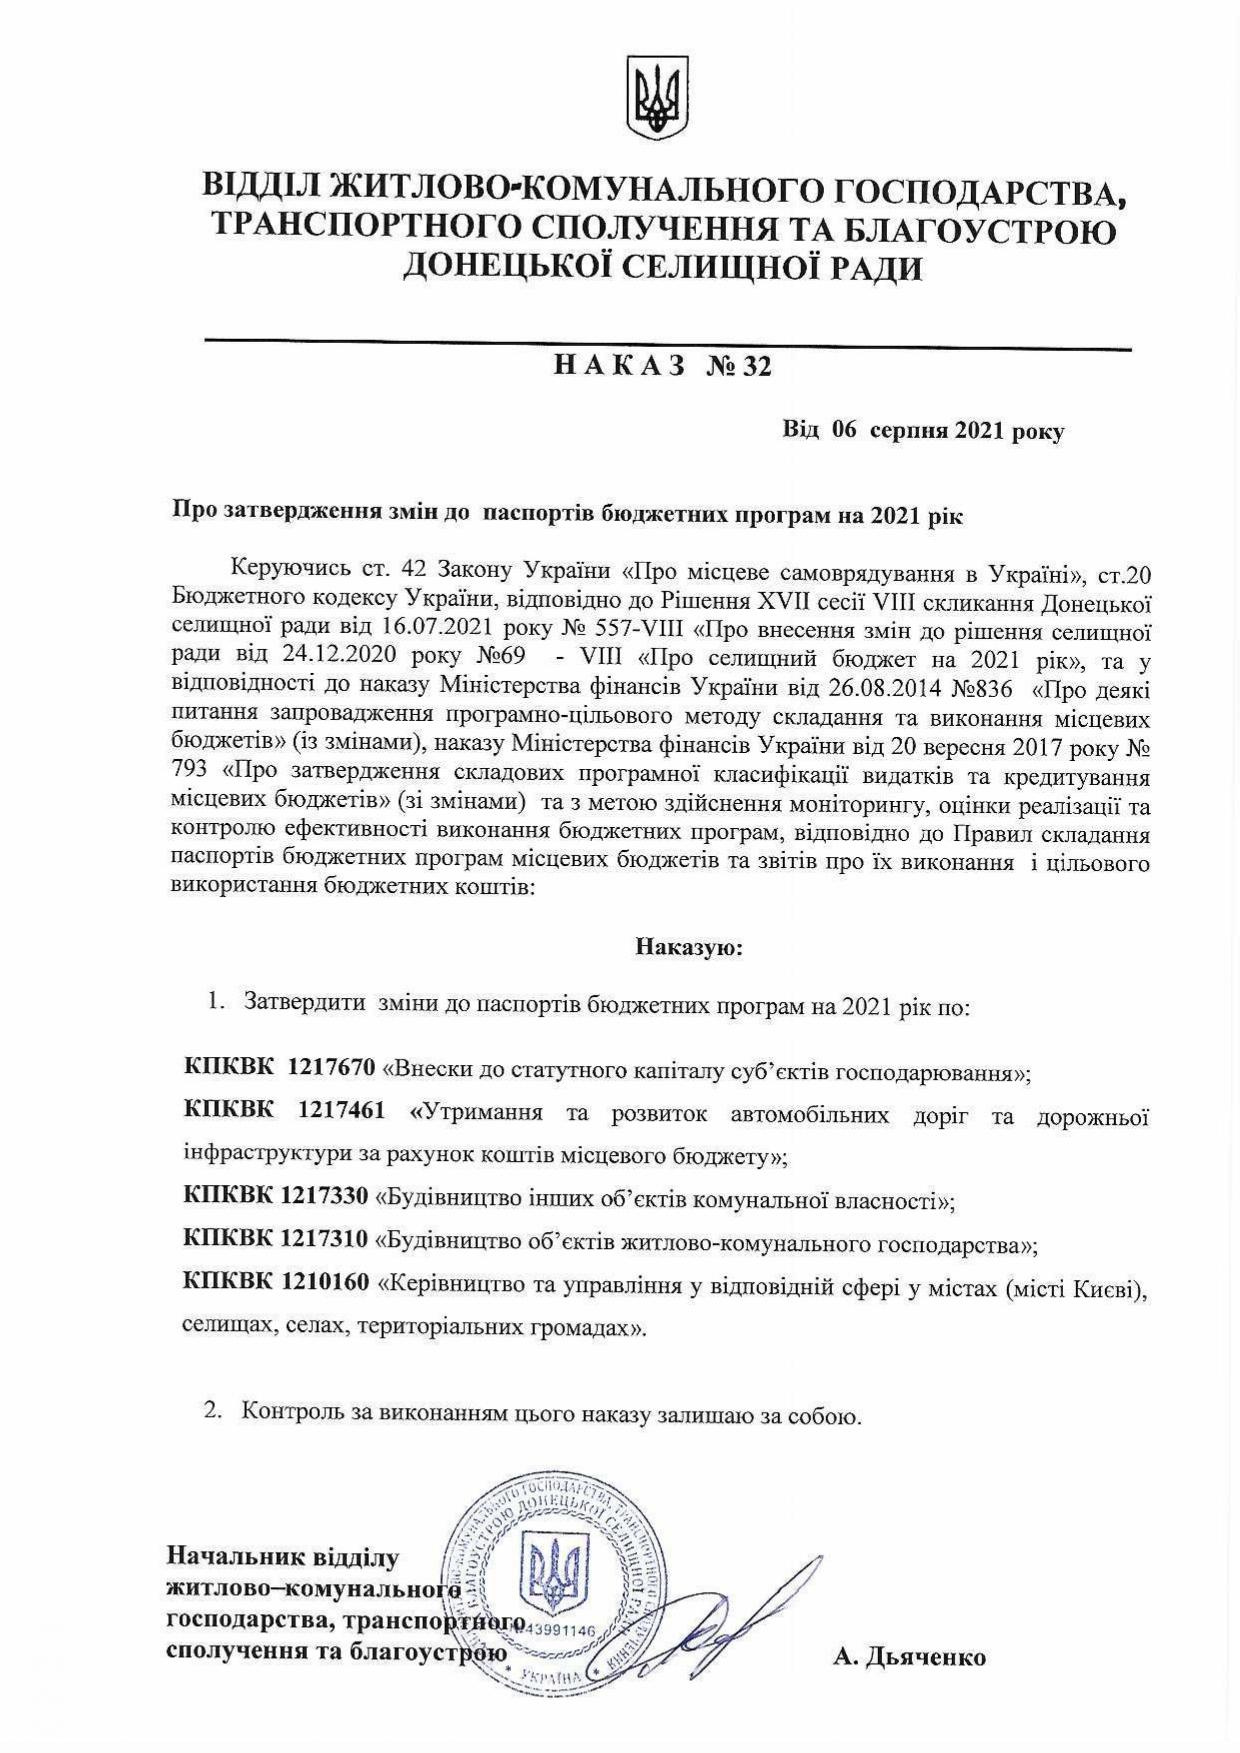 Наказ №32 Про затвердження змін до паспортів бюджетних програм на 2021 рік